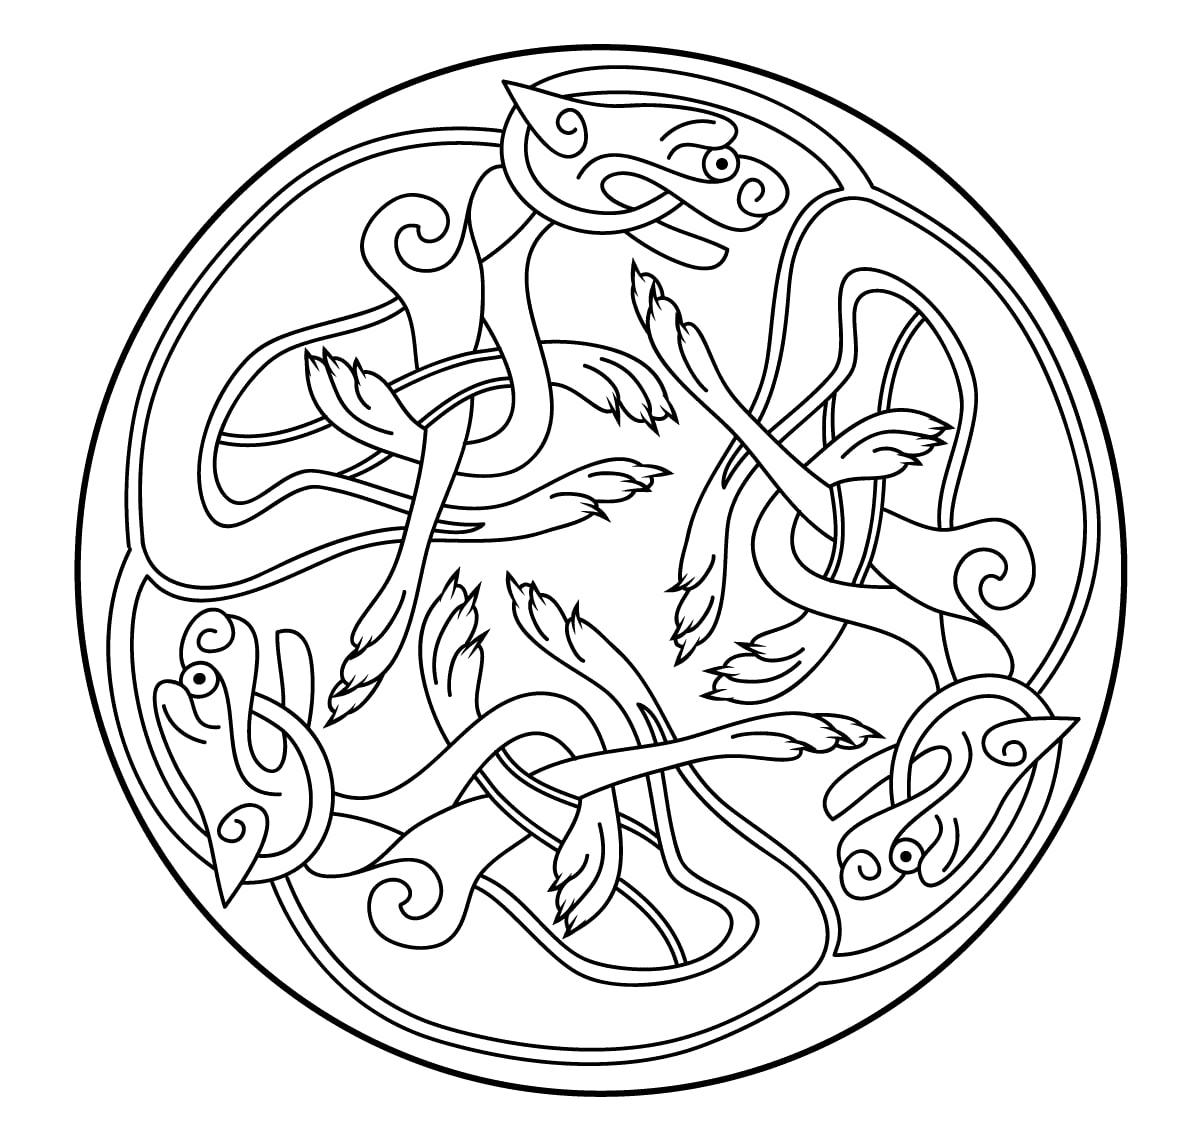 Celtic Mandala 21 - Simple Mandalas - 100% Mandalas Zen ...